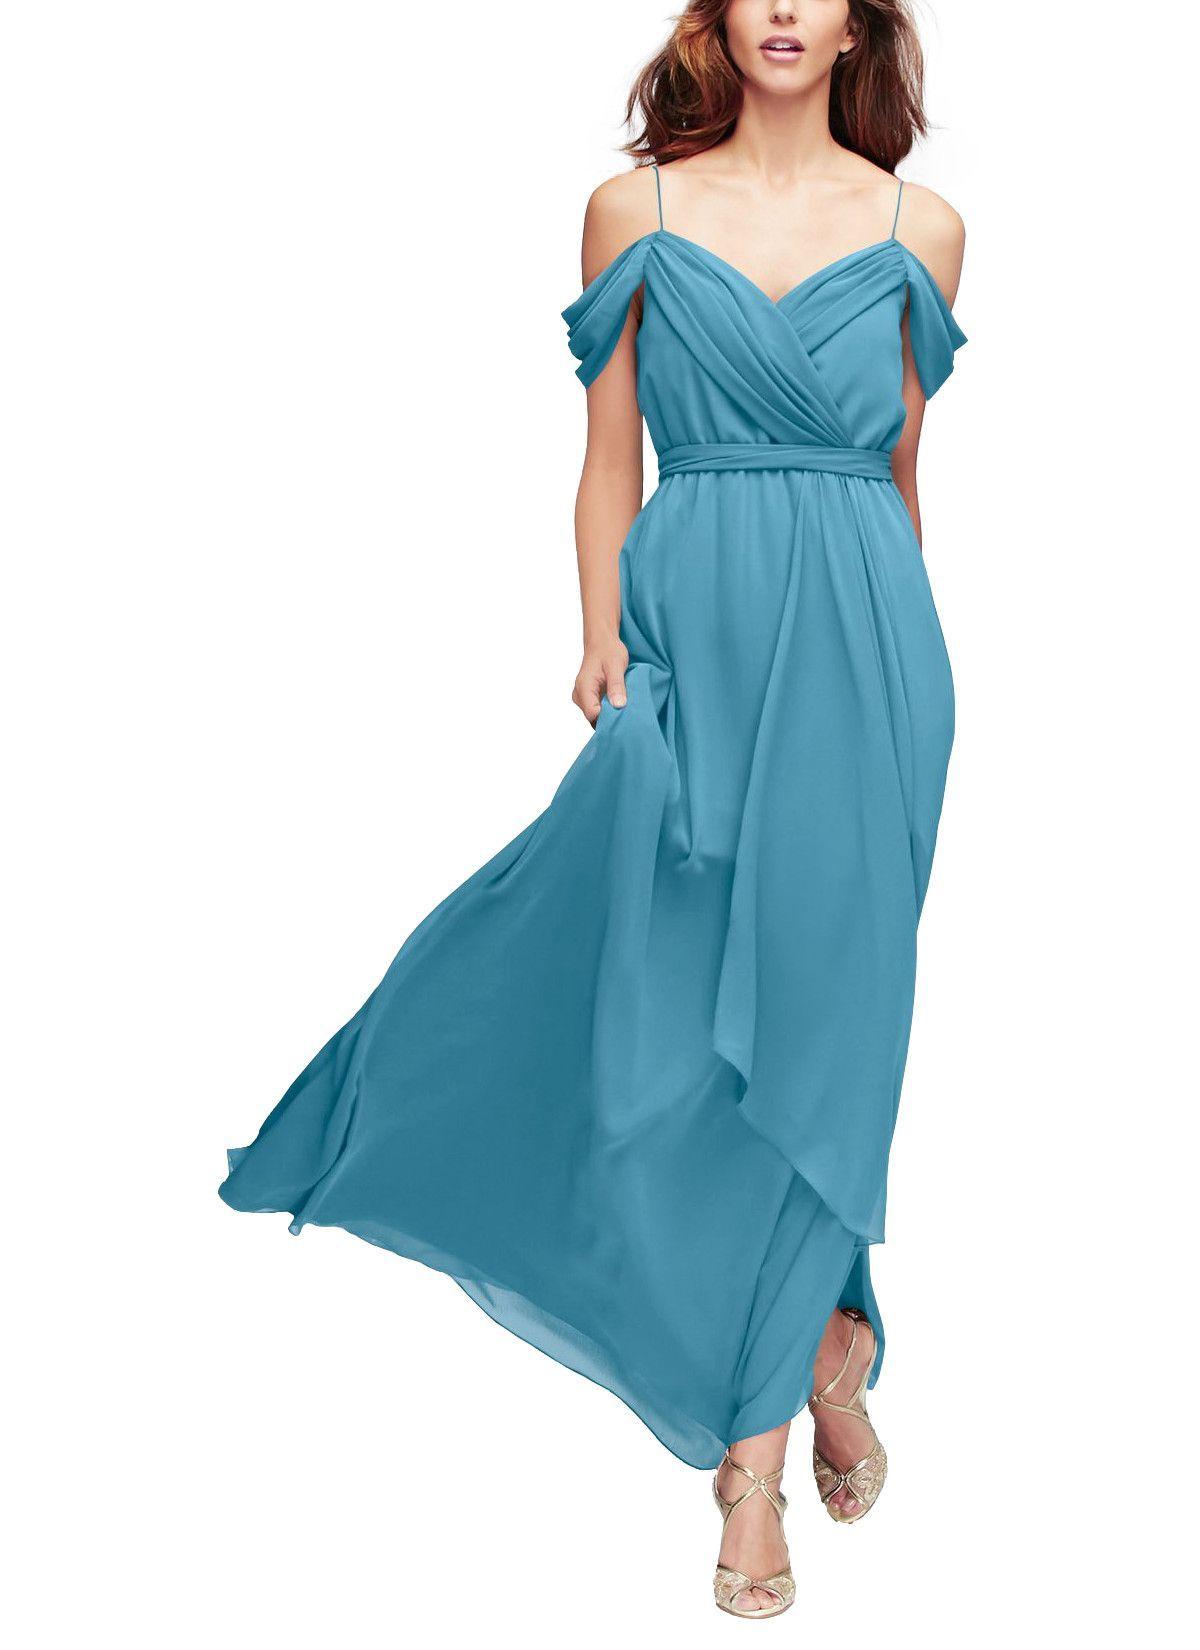 Watters linden handmade dresses